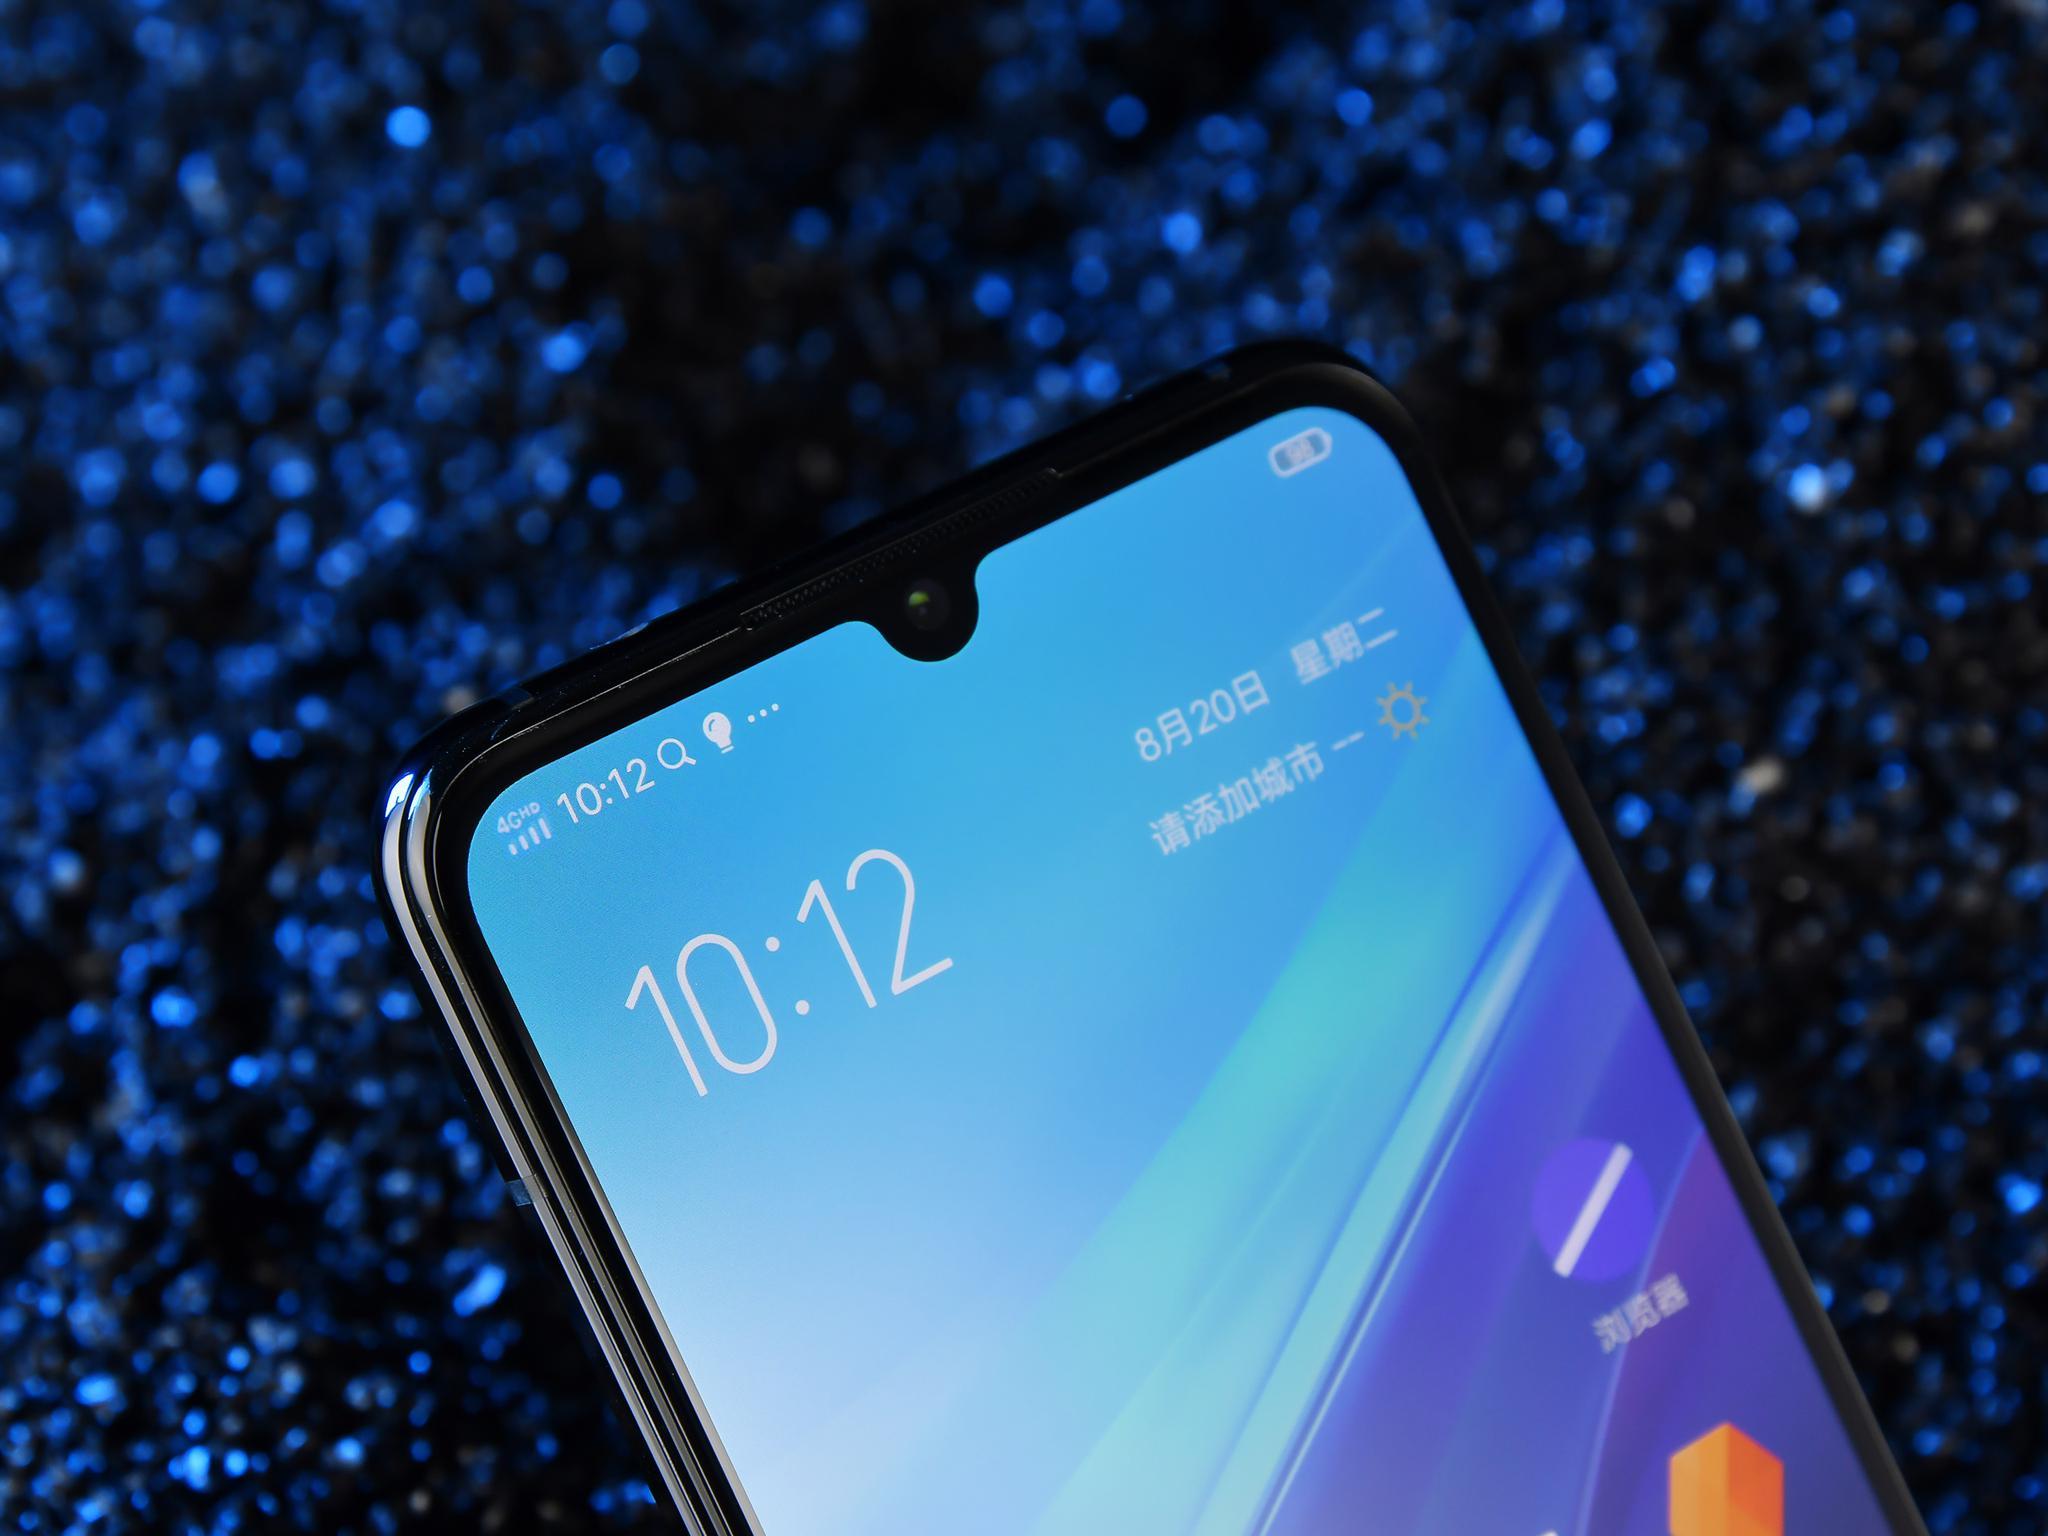 3798元买来的5G手机长啥样 iQOO Pro告诉你